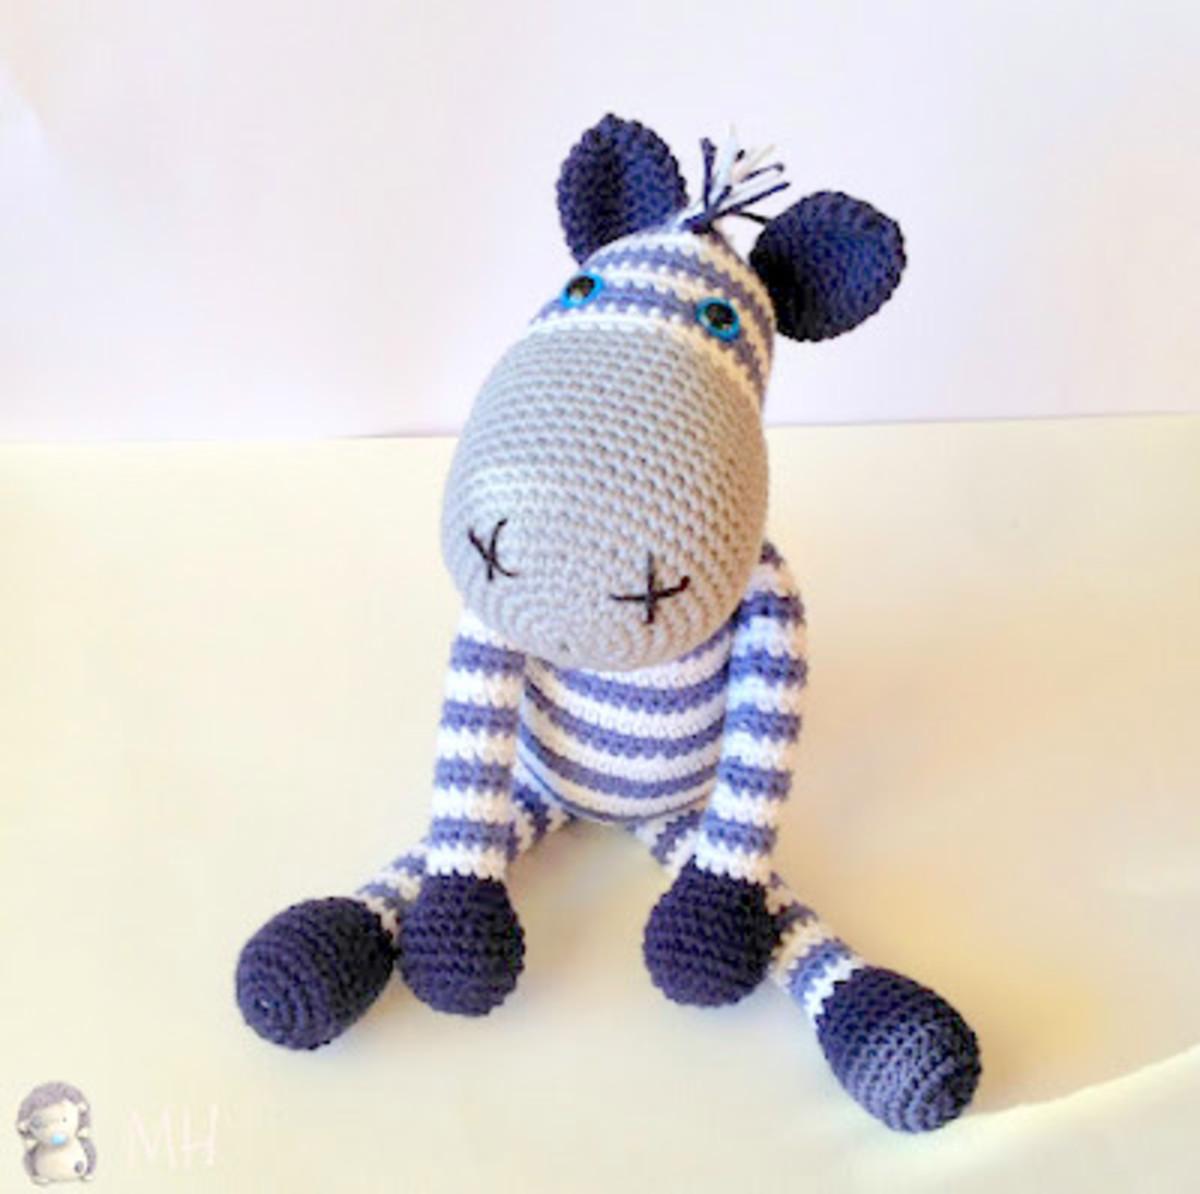 Zebra Amigurumi Doll  Free Crochet Pattern!  2b8808ddb